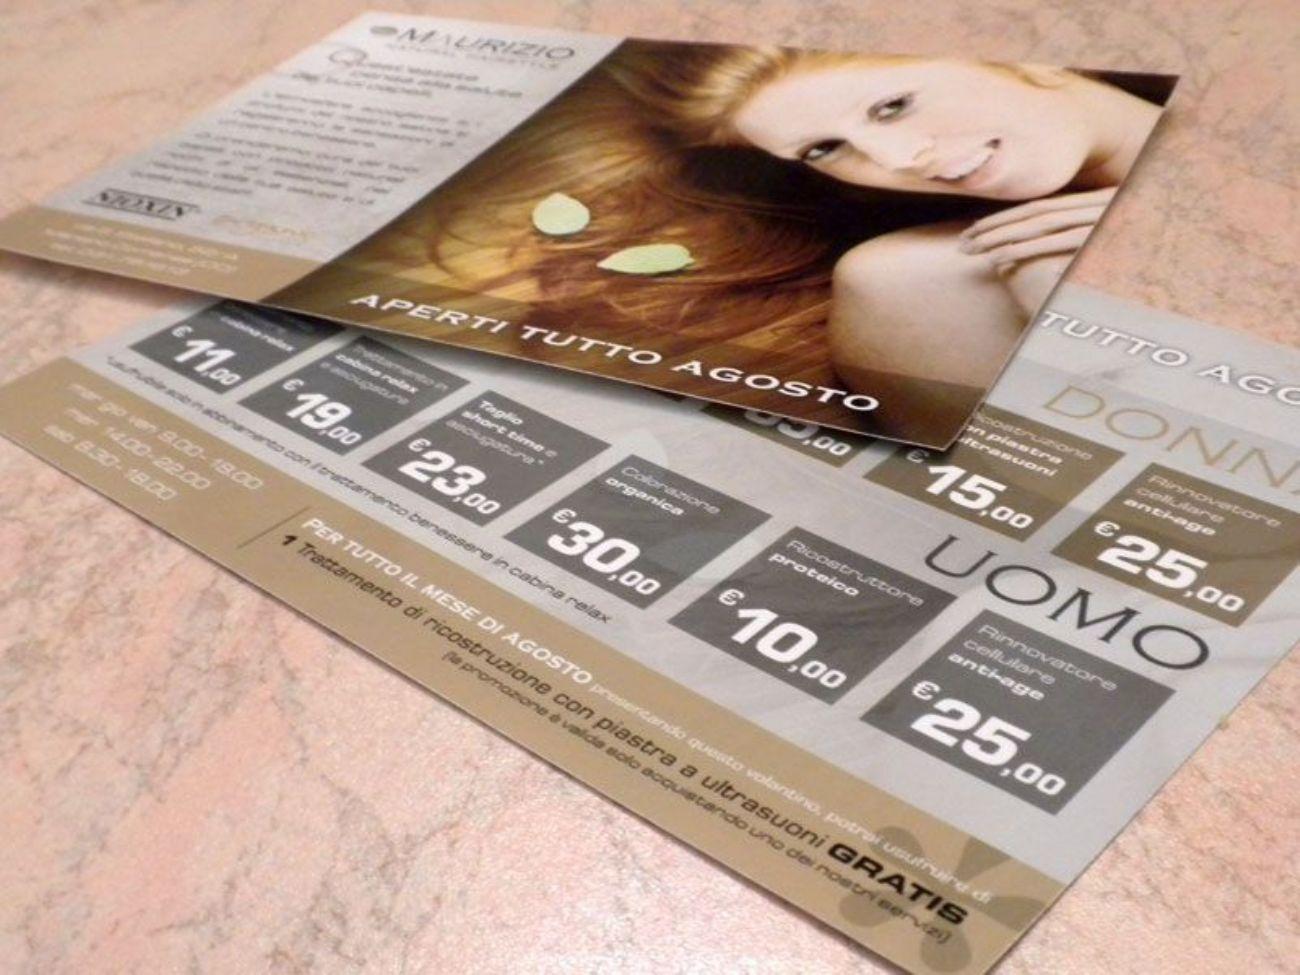 Grafica flyer promozionale